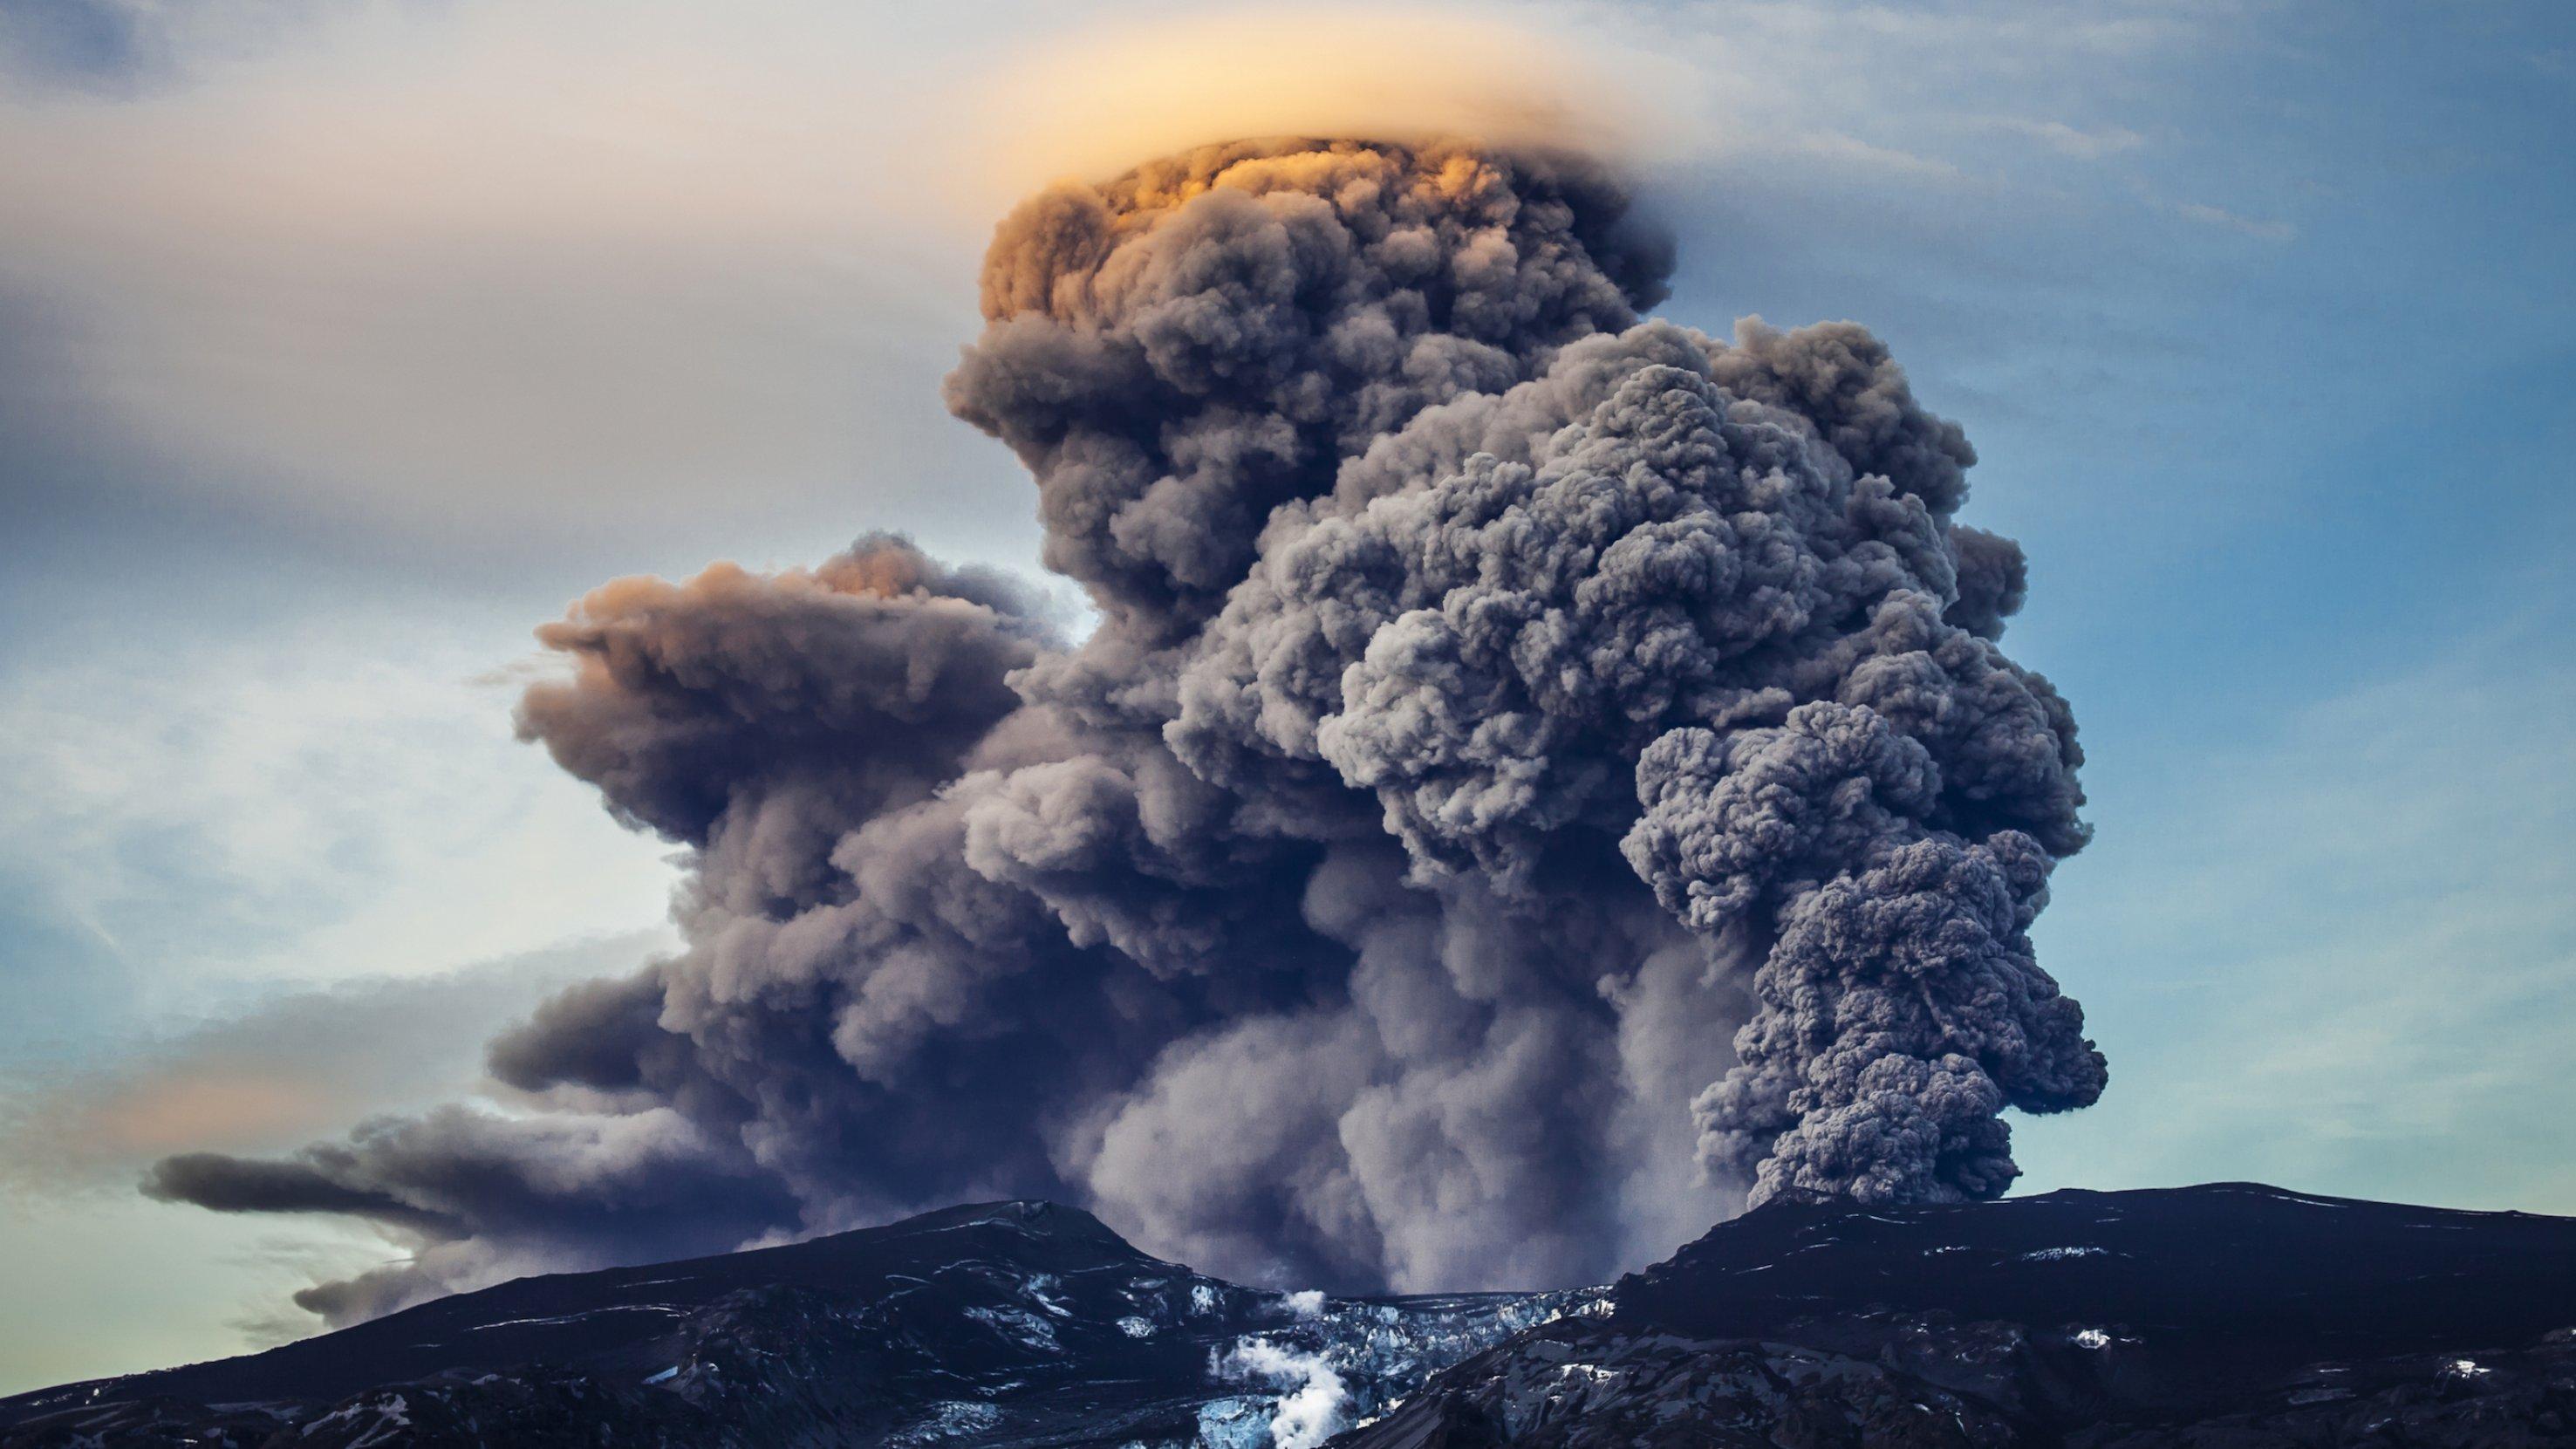 Der explodierende Vulkan Eyjafjallajökull auf Island.